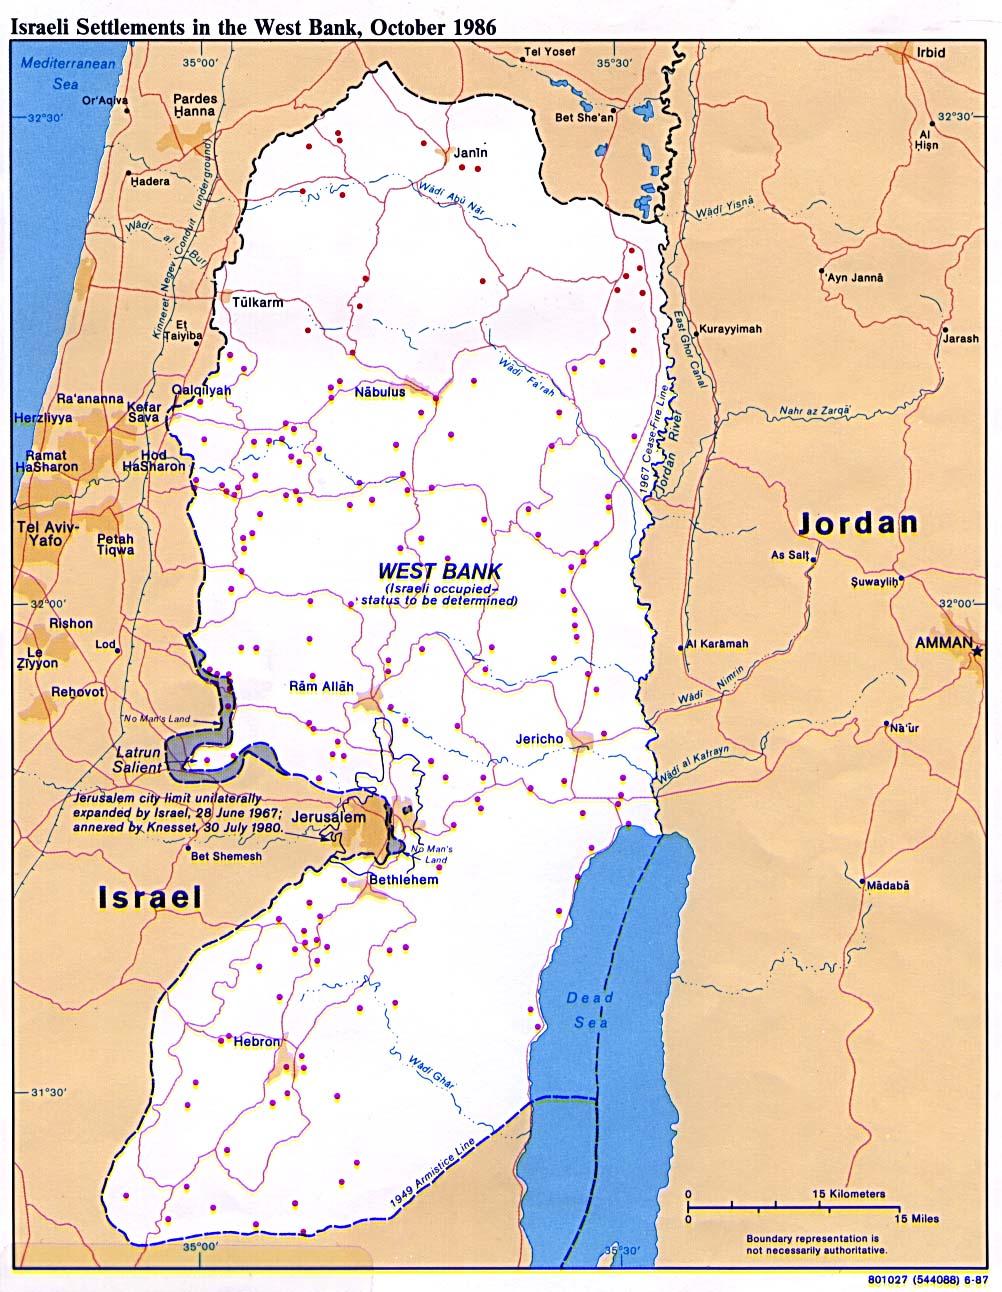 Mapa Politico de los Asentamientos Israelíes en Cisjordania